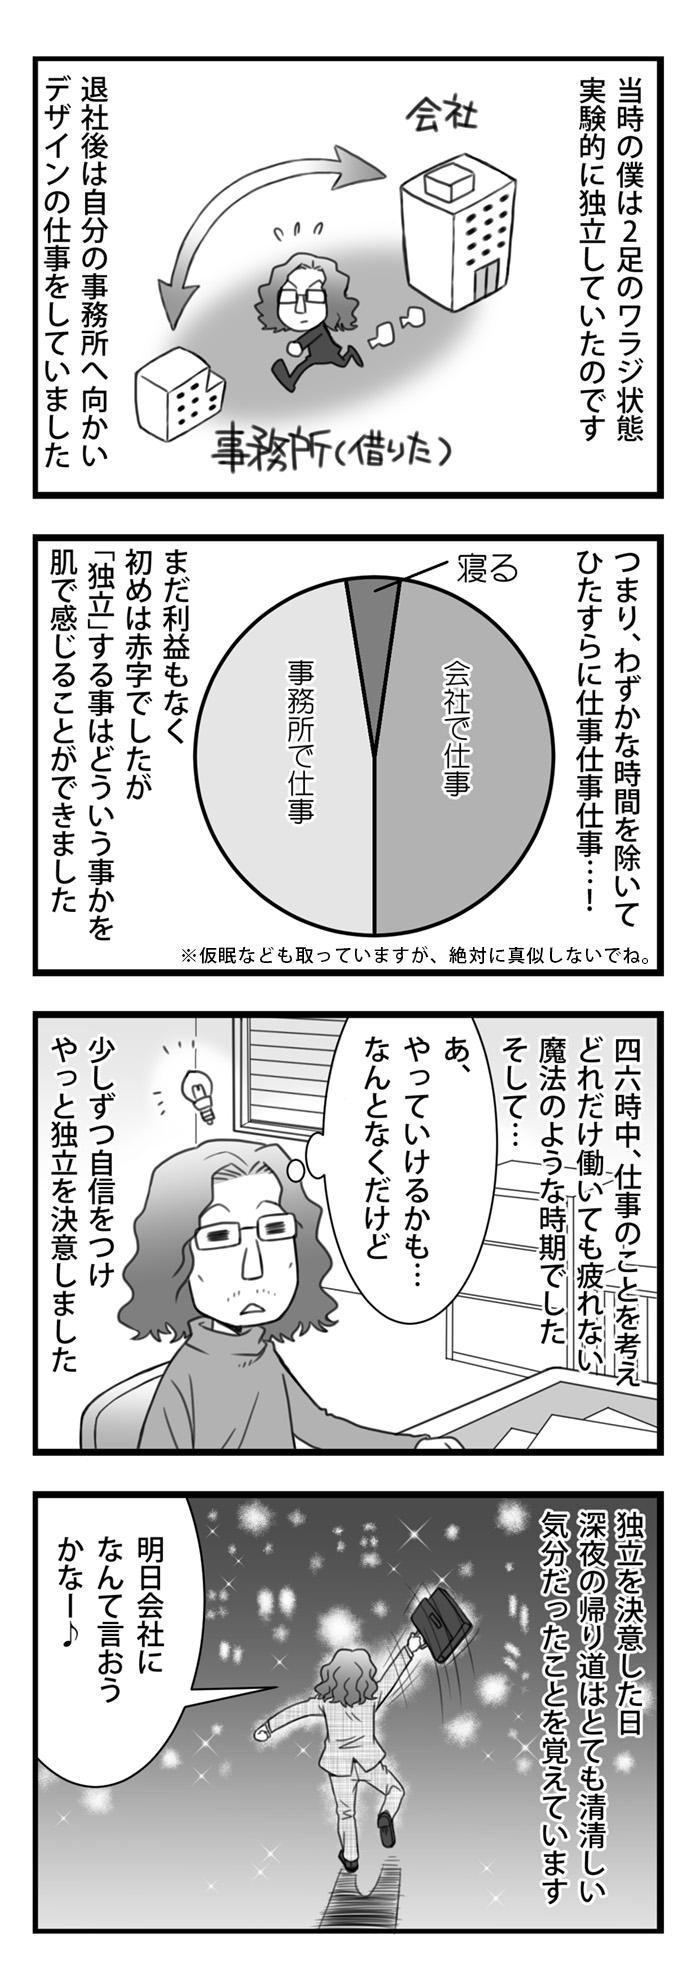 漫画 頑張れデザイナー22